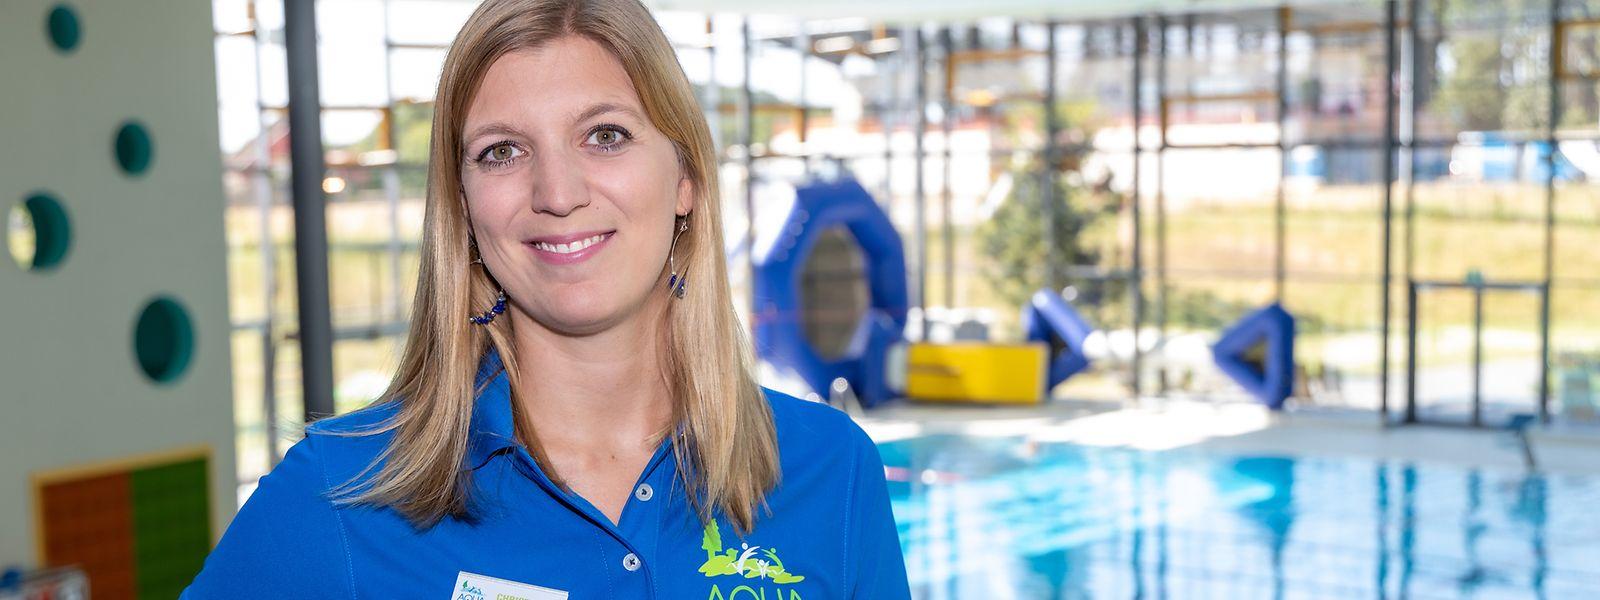 Christine Mailliet ist die Betriebsleiterin des Aqua Nat'Our in Hosingen.